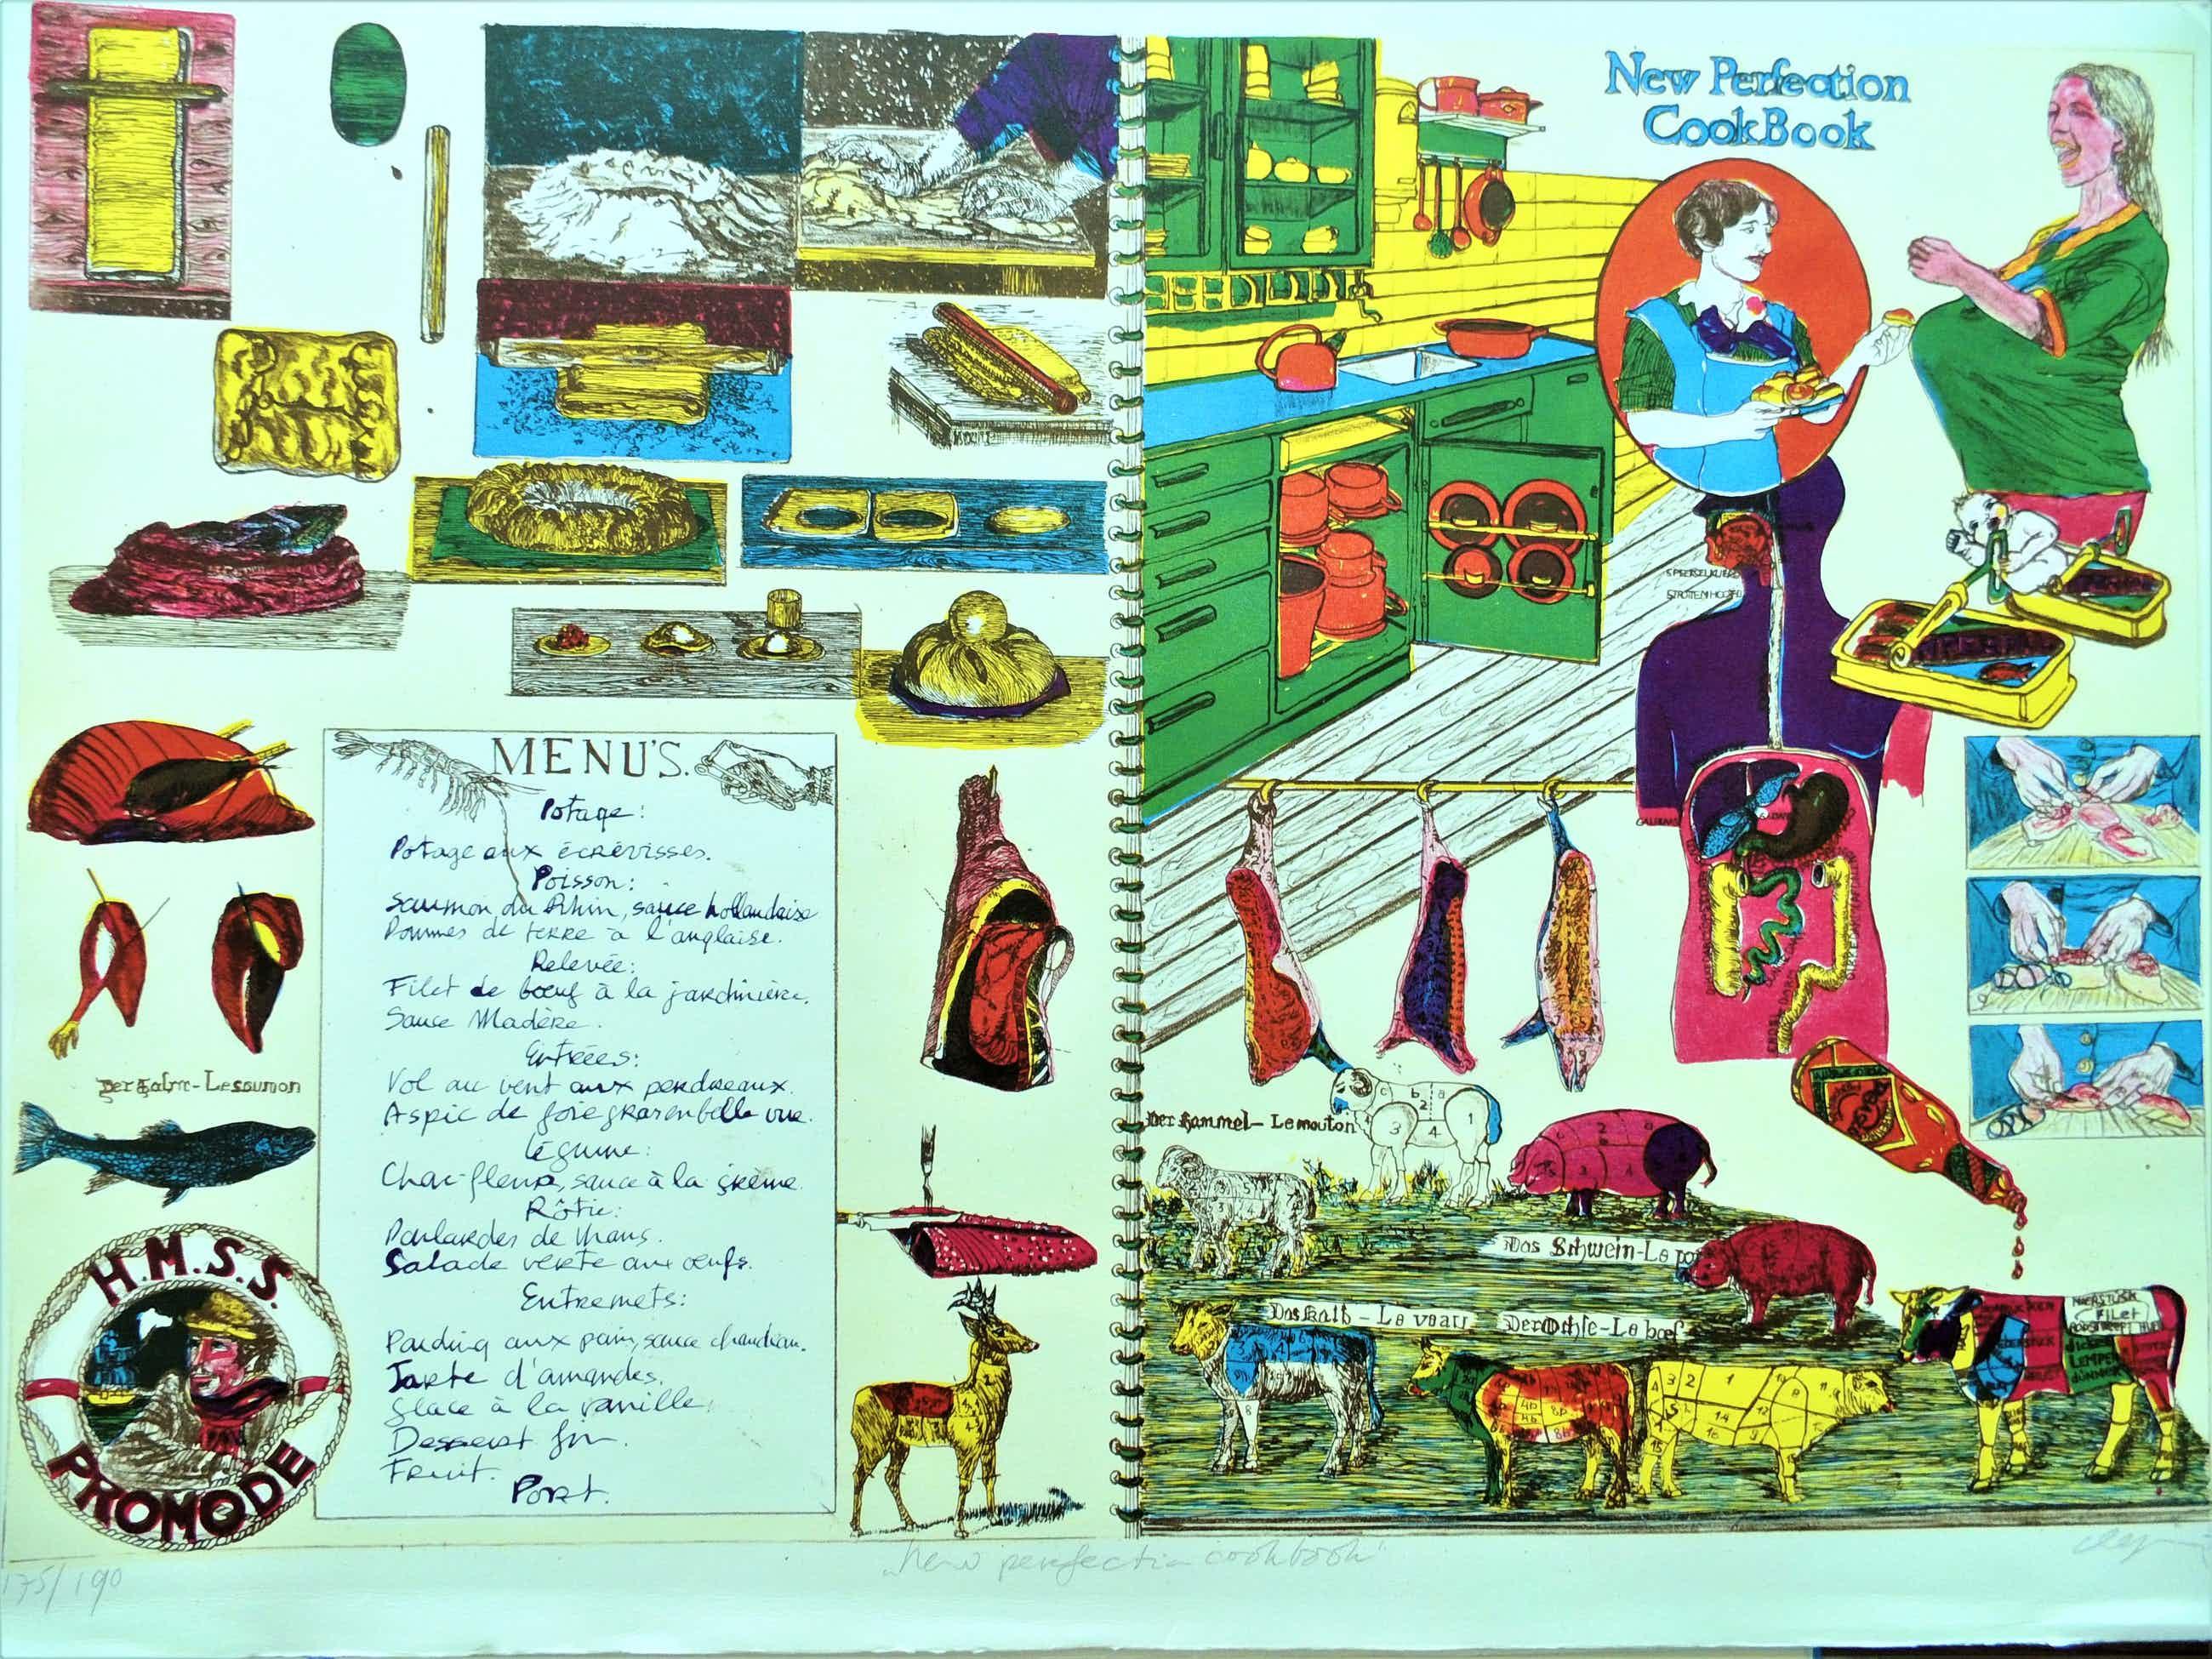 Jacqueline de Jong - New perfection Cookbook kopen? Bied vanaf 65!